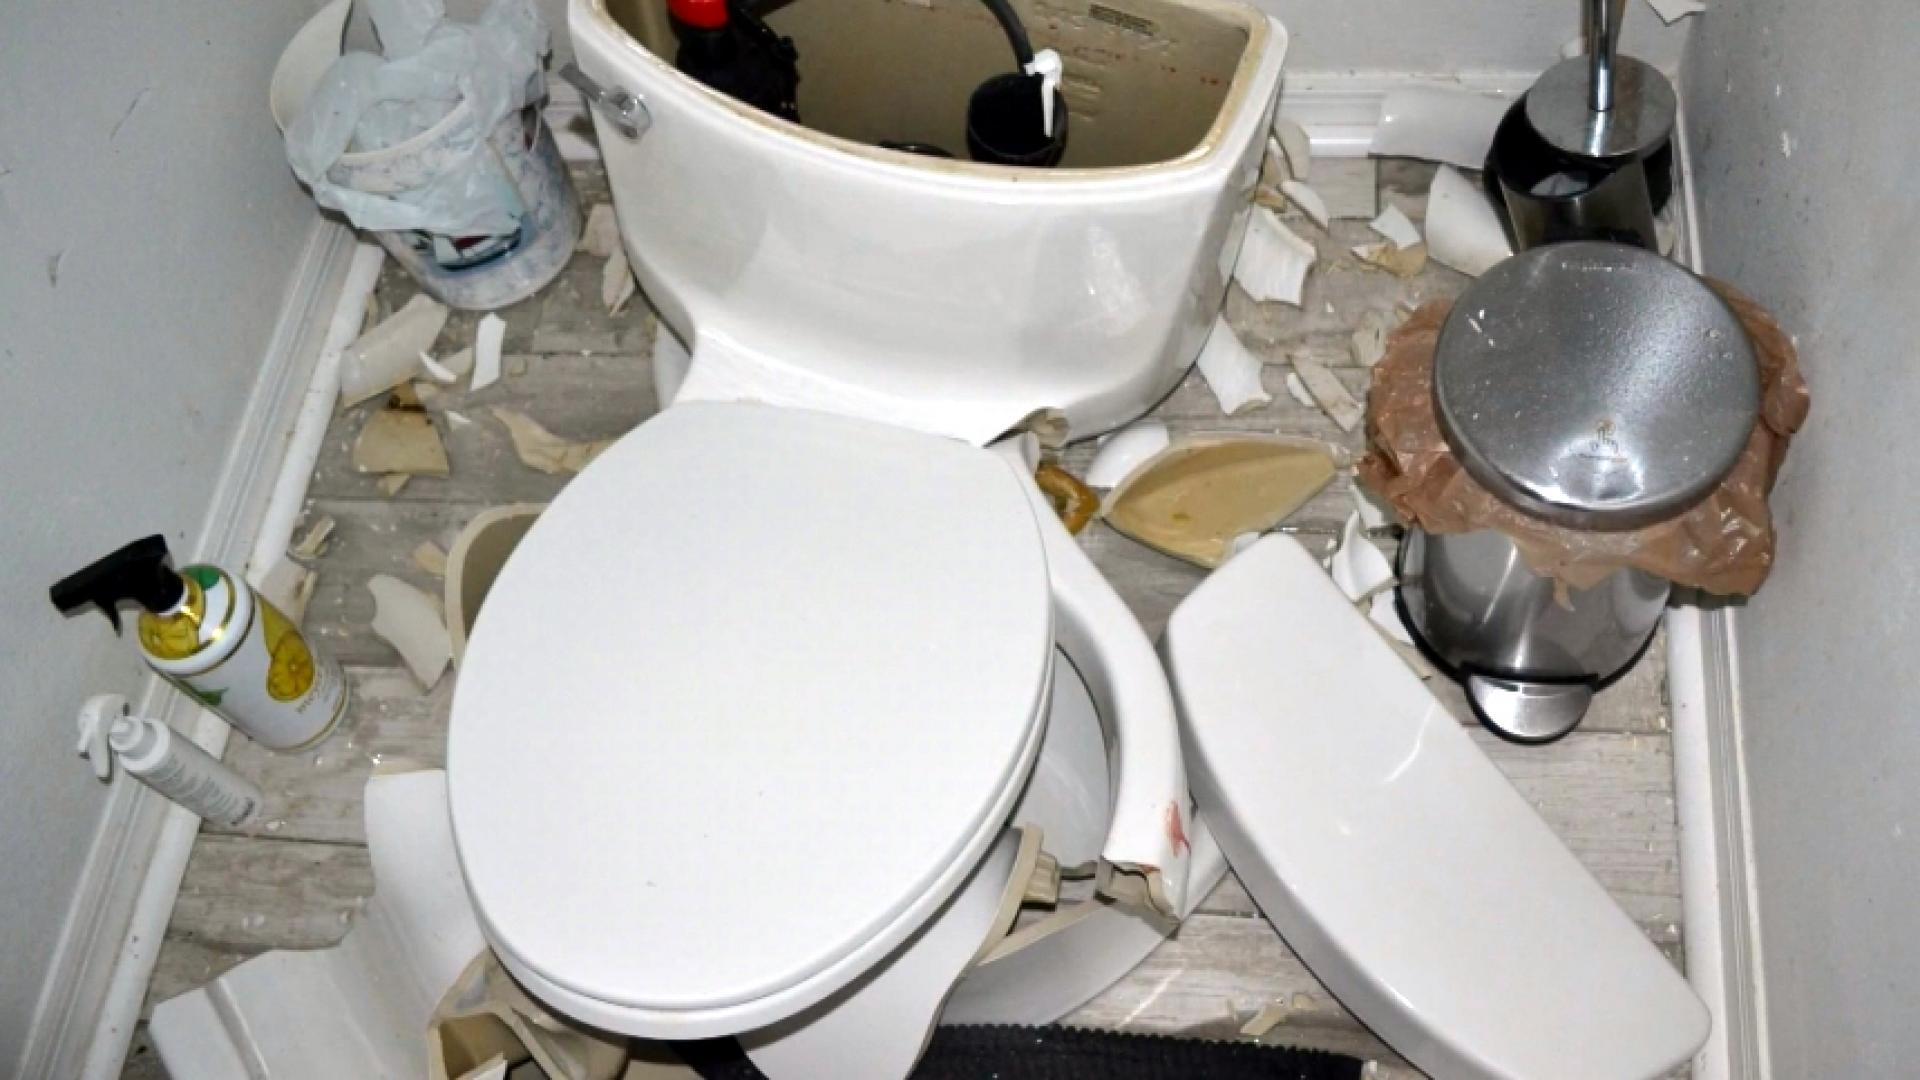 Bathroom blast: Lightning strike explodes toilet